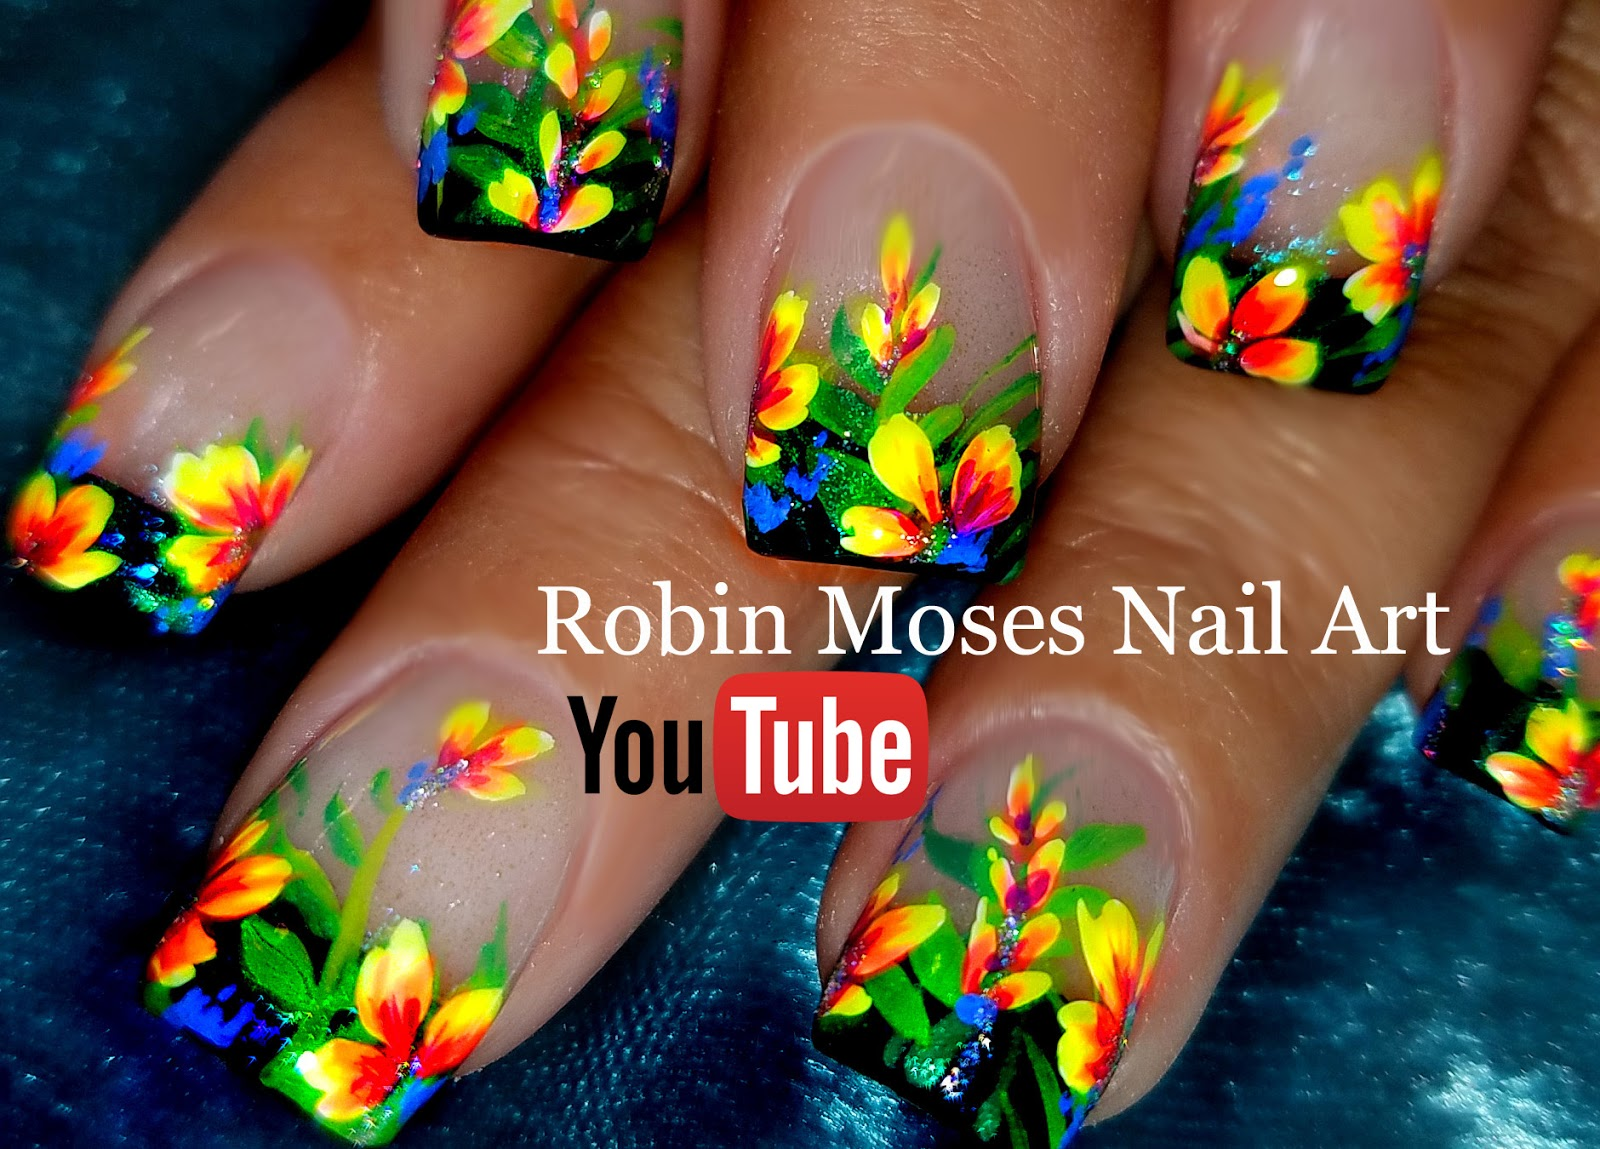 Robin Moses Nail Art: DIY Hand Painted Neon Flower nail